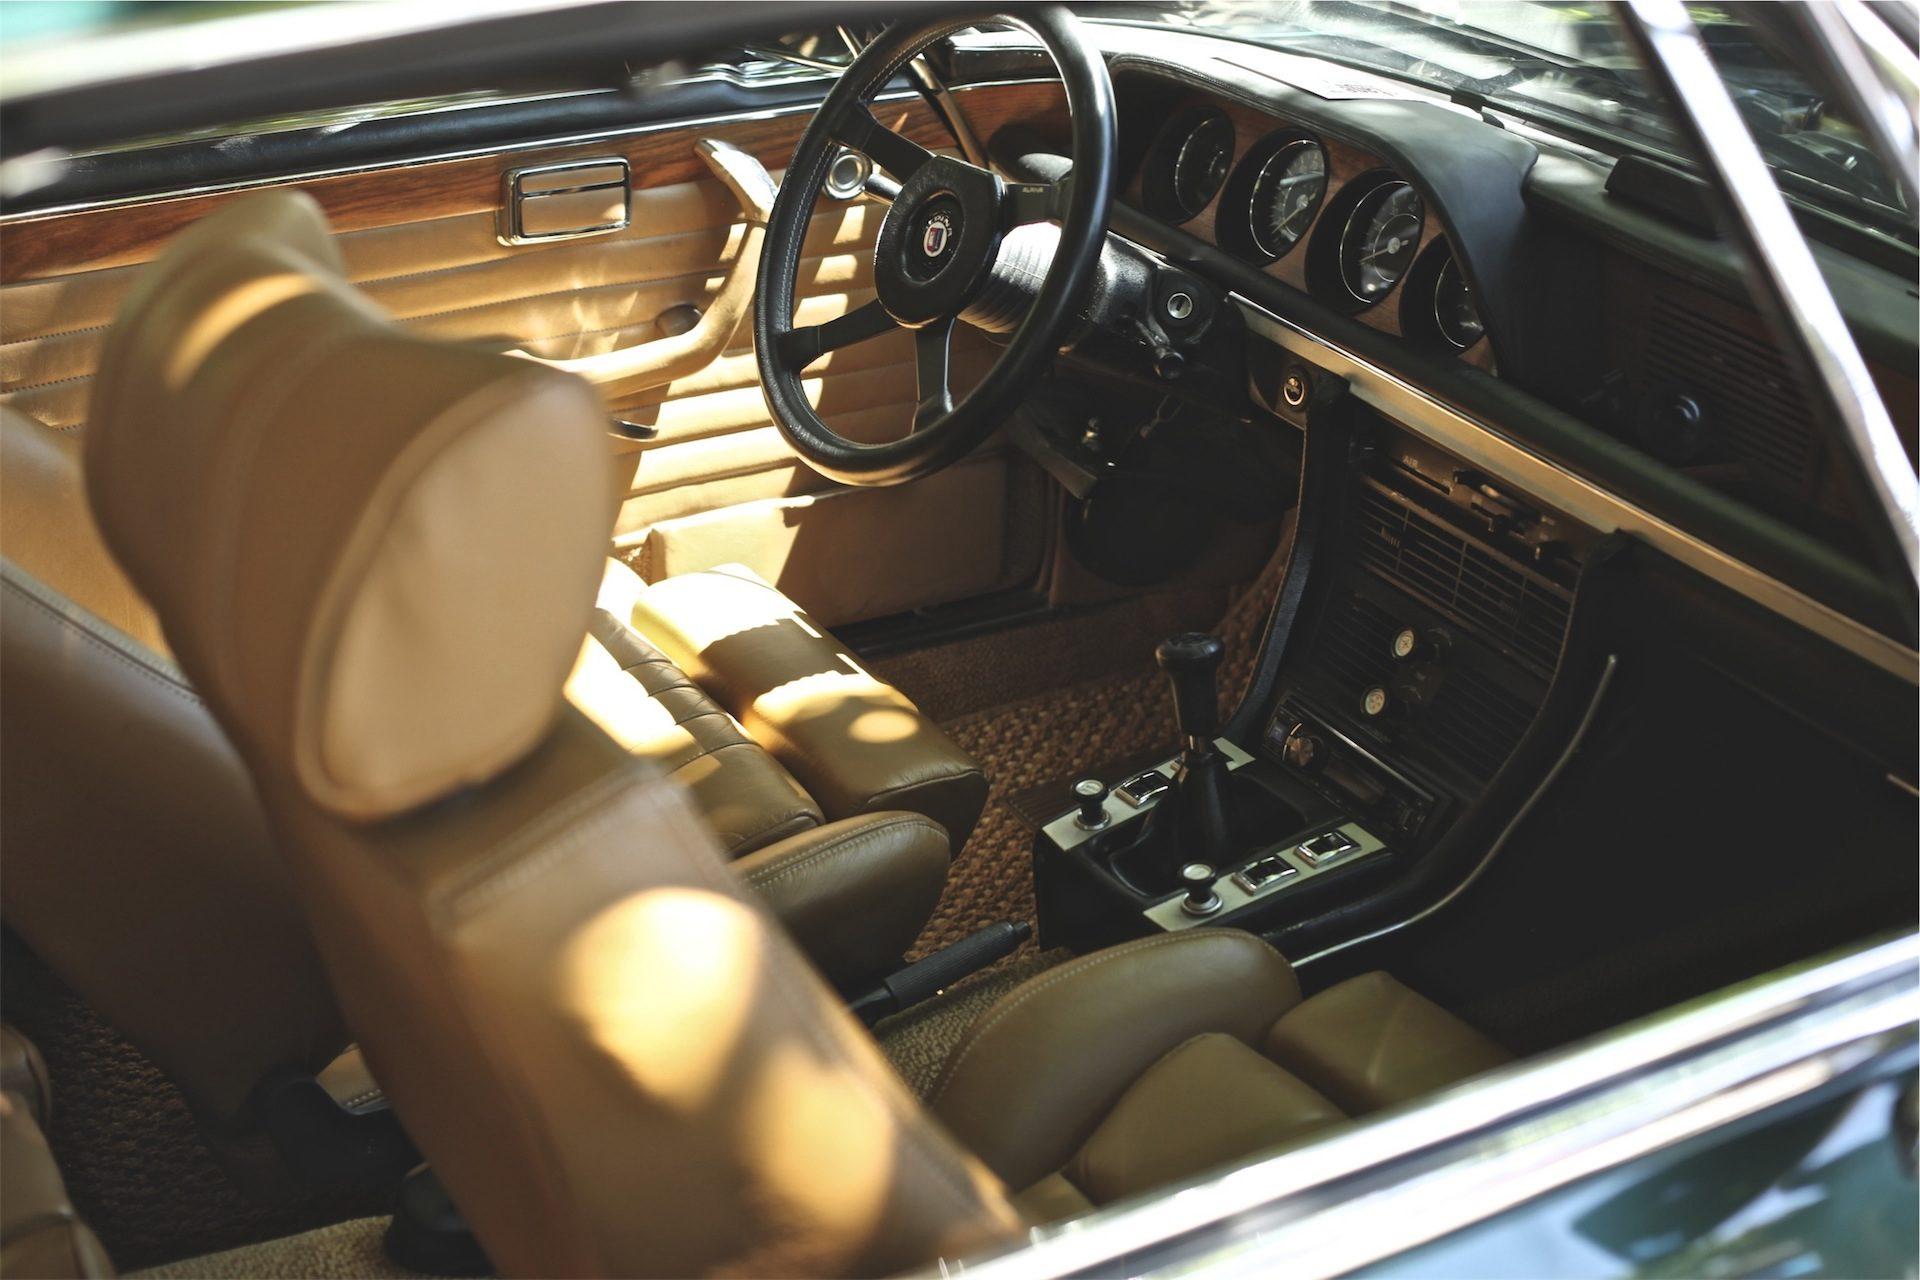 سيارات, داخل, القديمة, خمر, لوحة المعلومات, مقاعد - خلفيات عالية الدقة - أستاذ falken.com